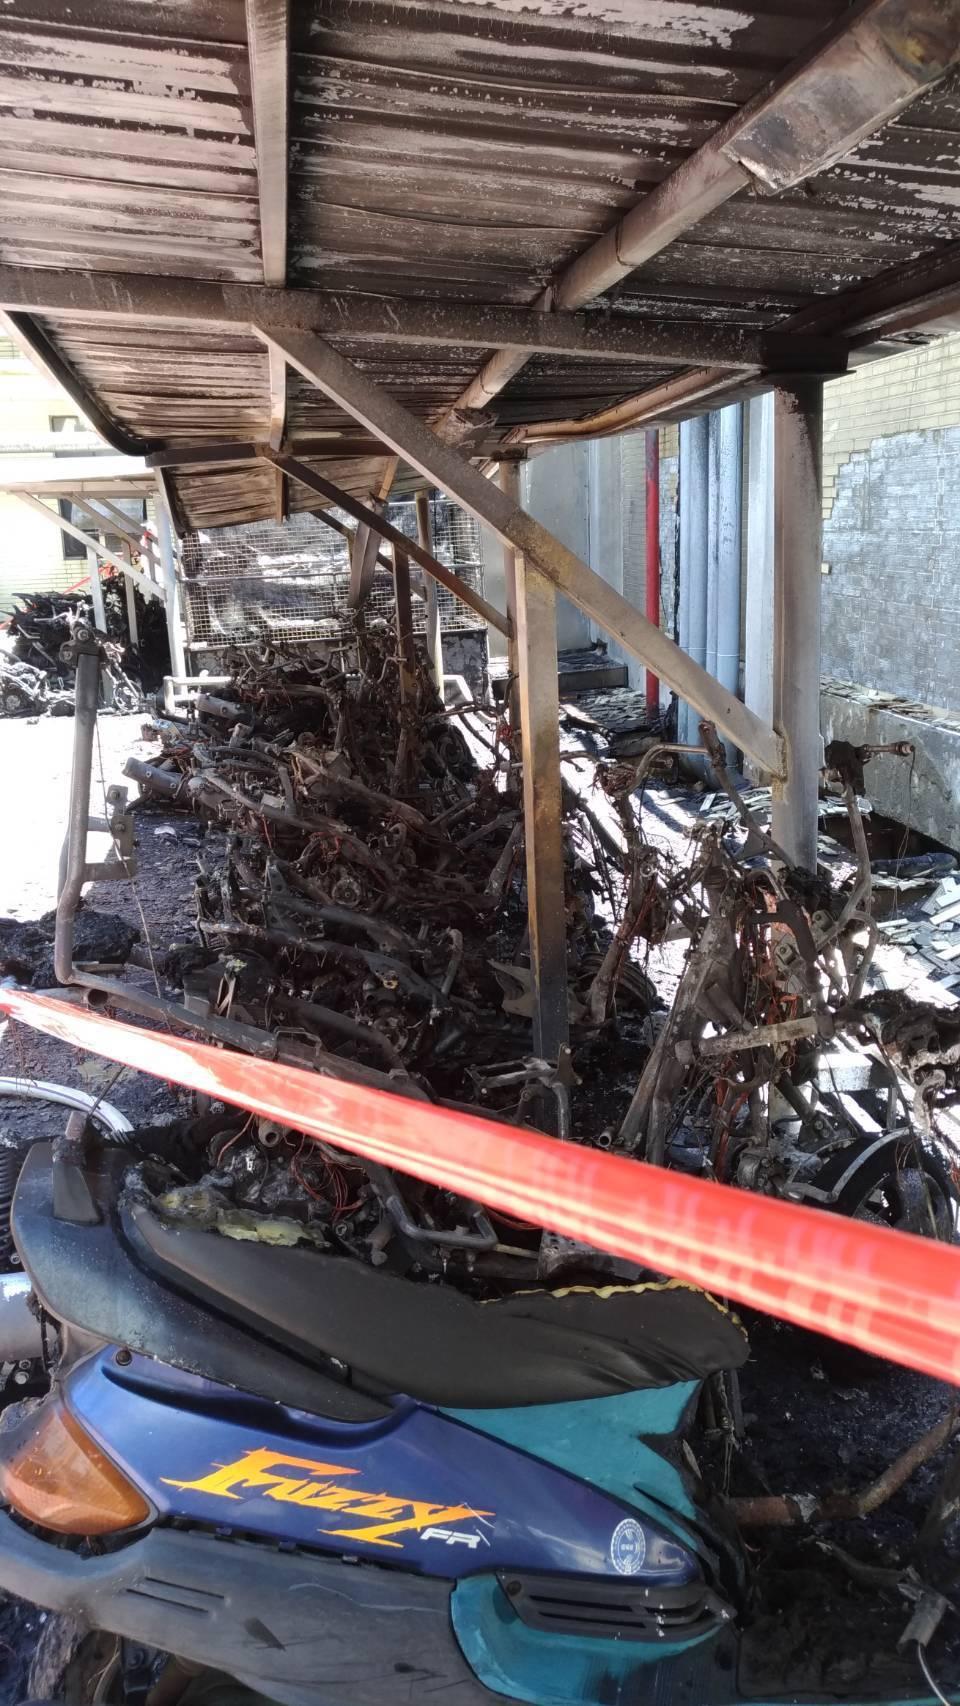 竹科全友機車棚中午失火,燒毀21輛機車,16輛半毀。圖/消防局提供